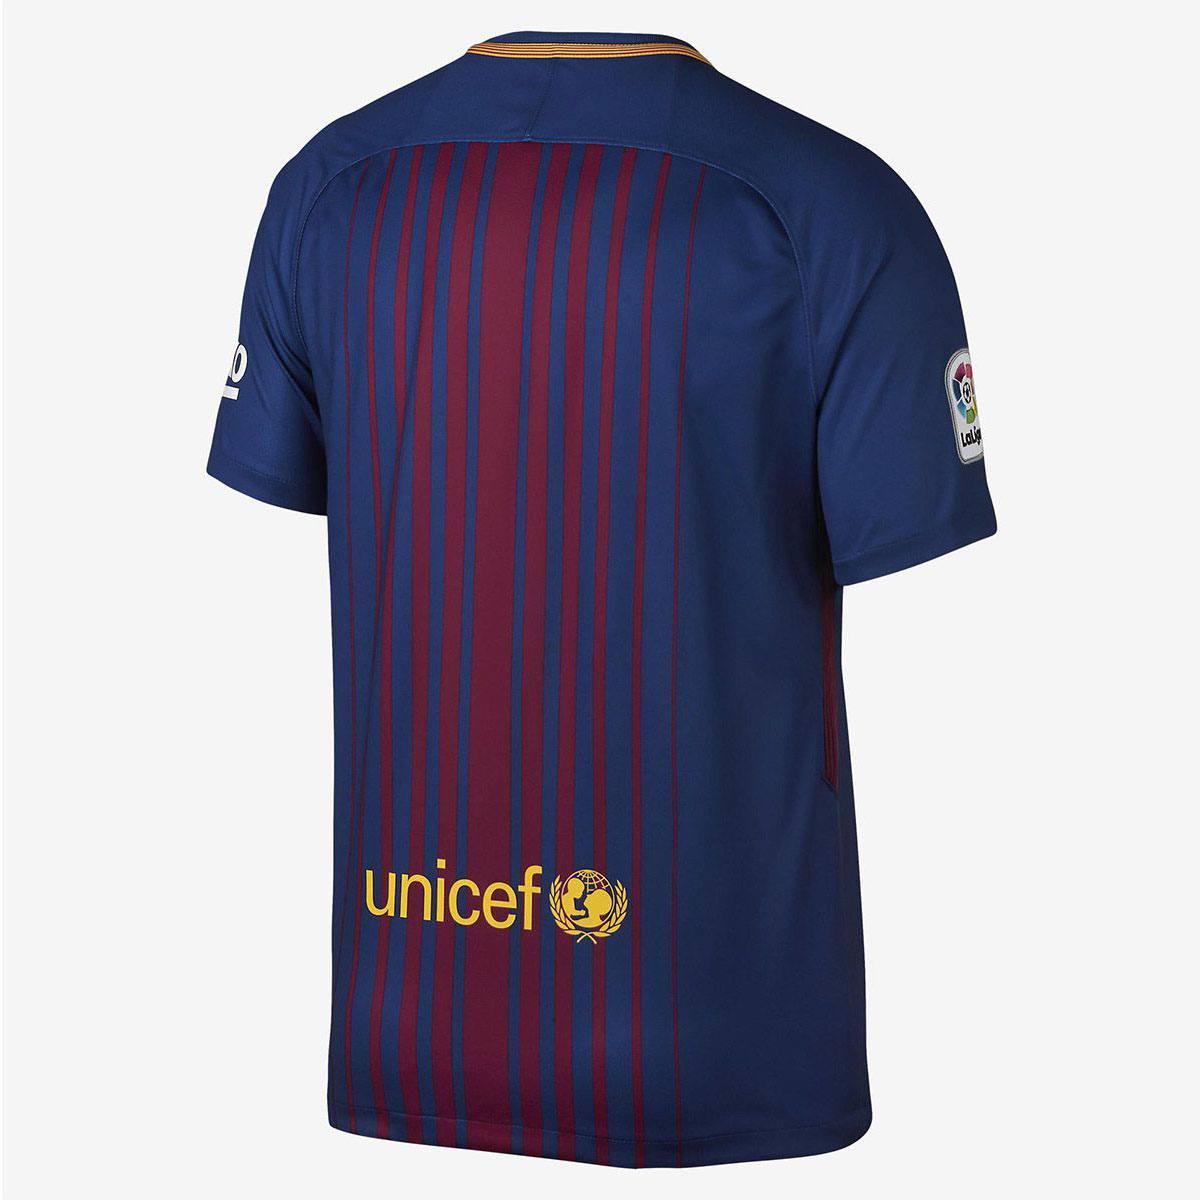 Camiseta Nike Barcelona I 2017/2018 Torcedor Masculina